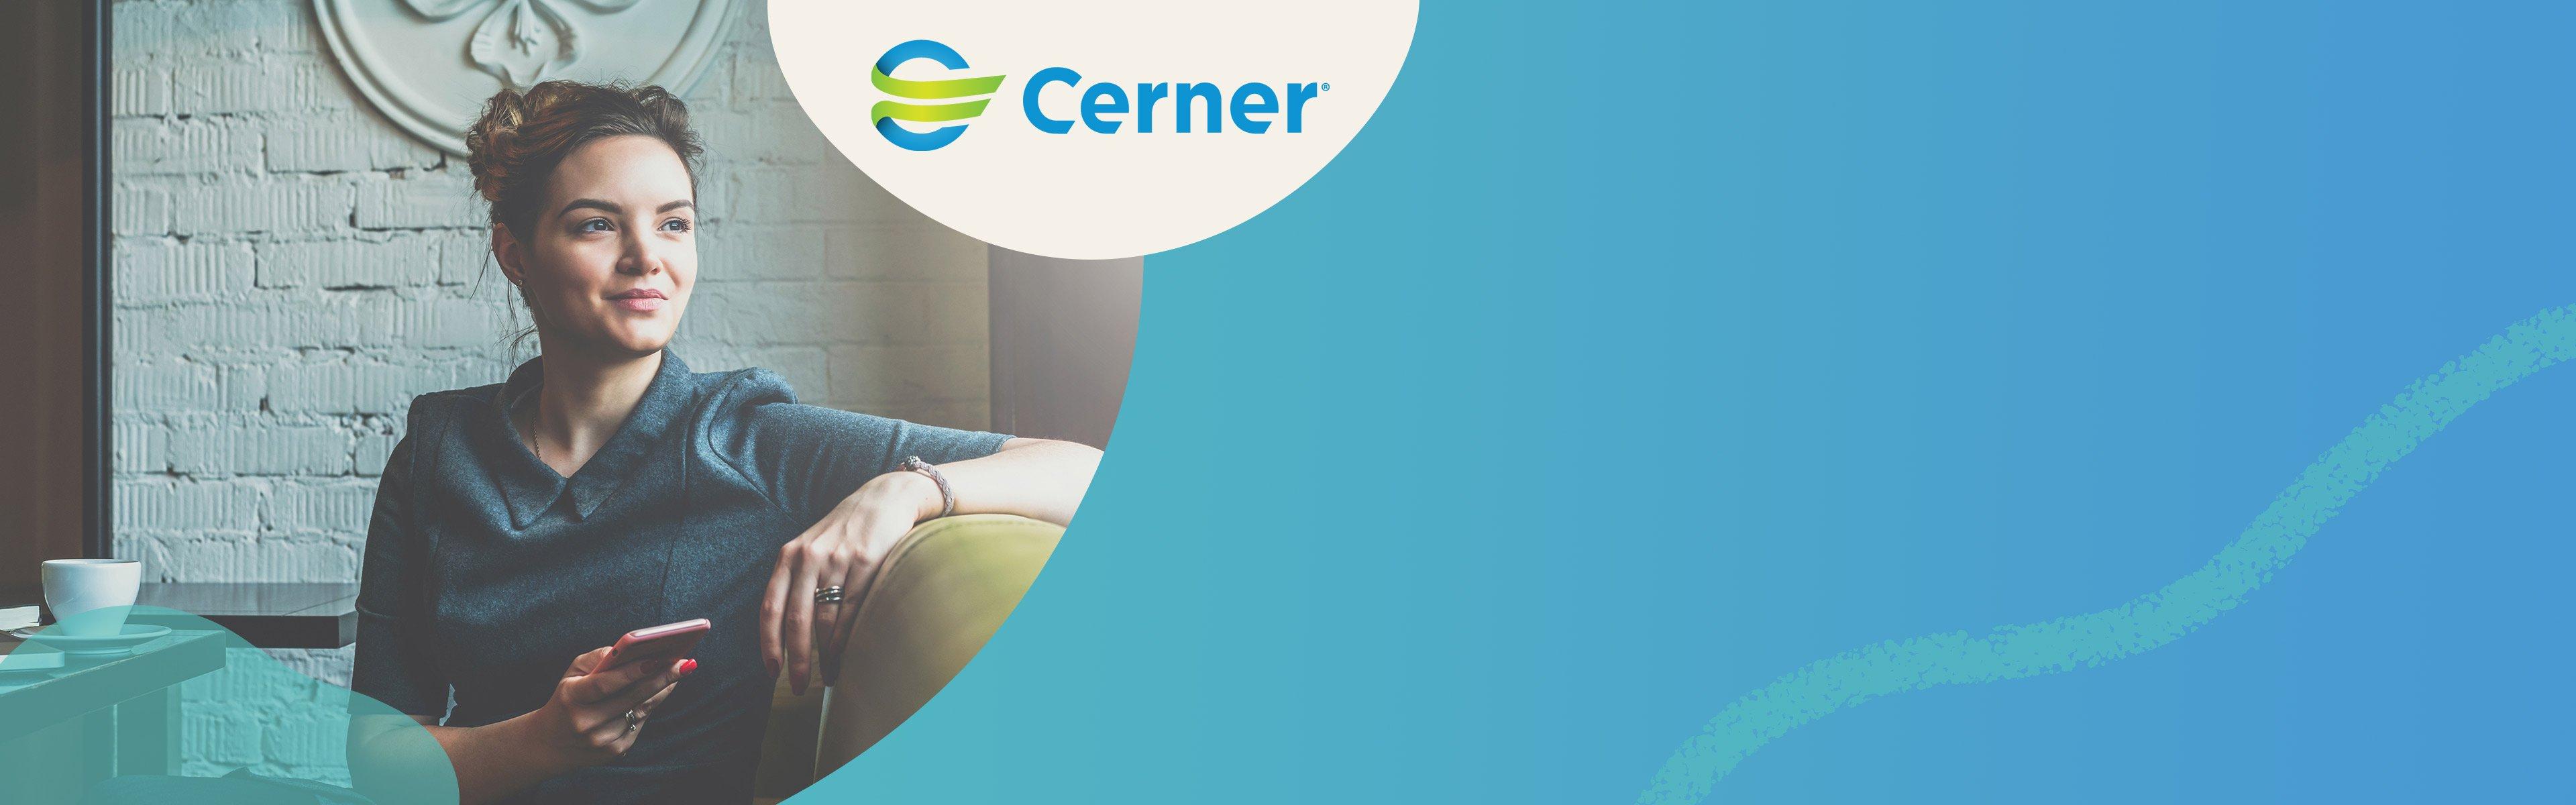 Cerner-homepage-v1